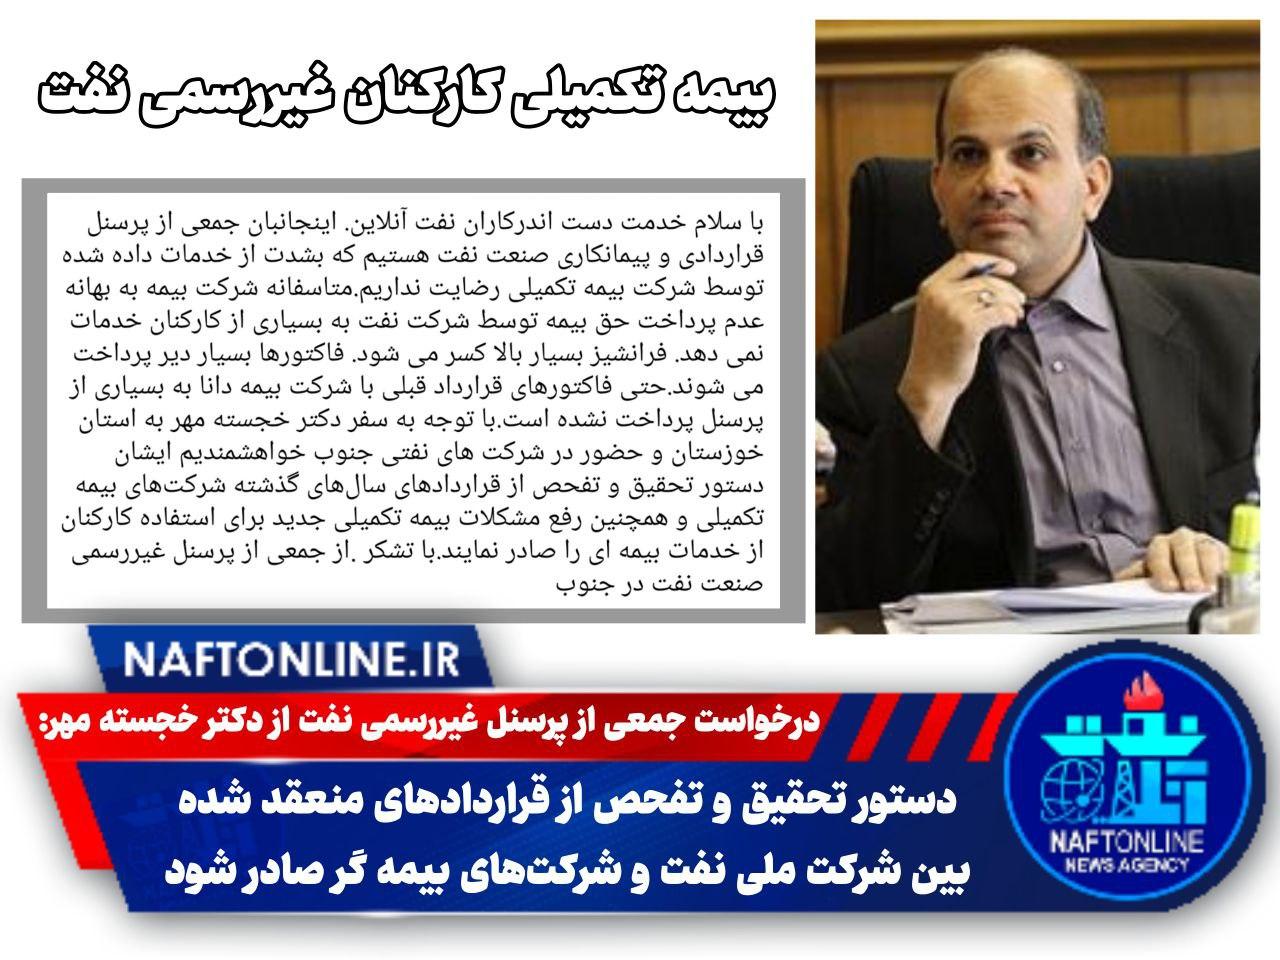 بیمه تکمیلی نفت خجسته مهر